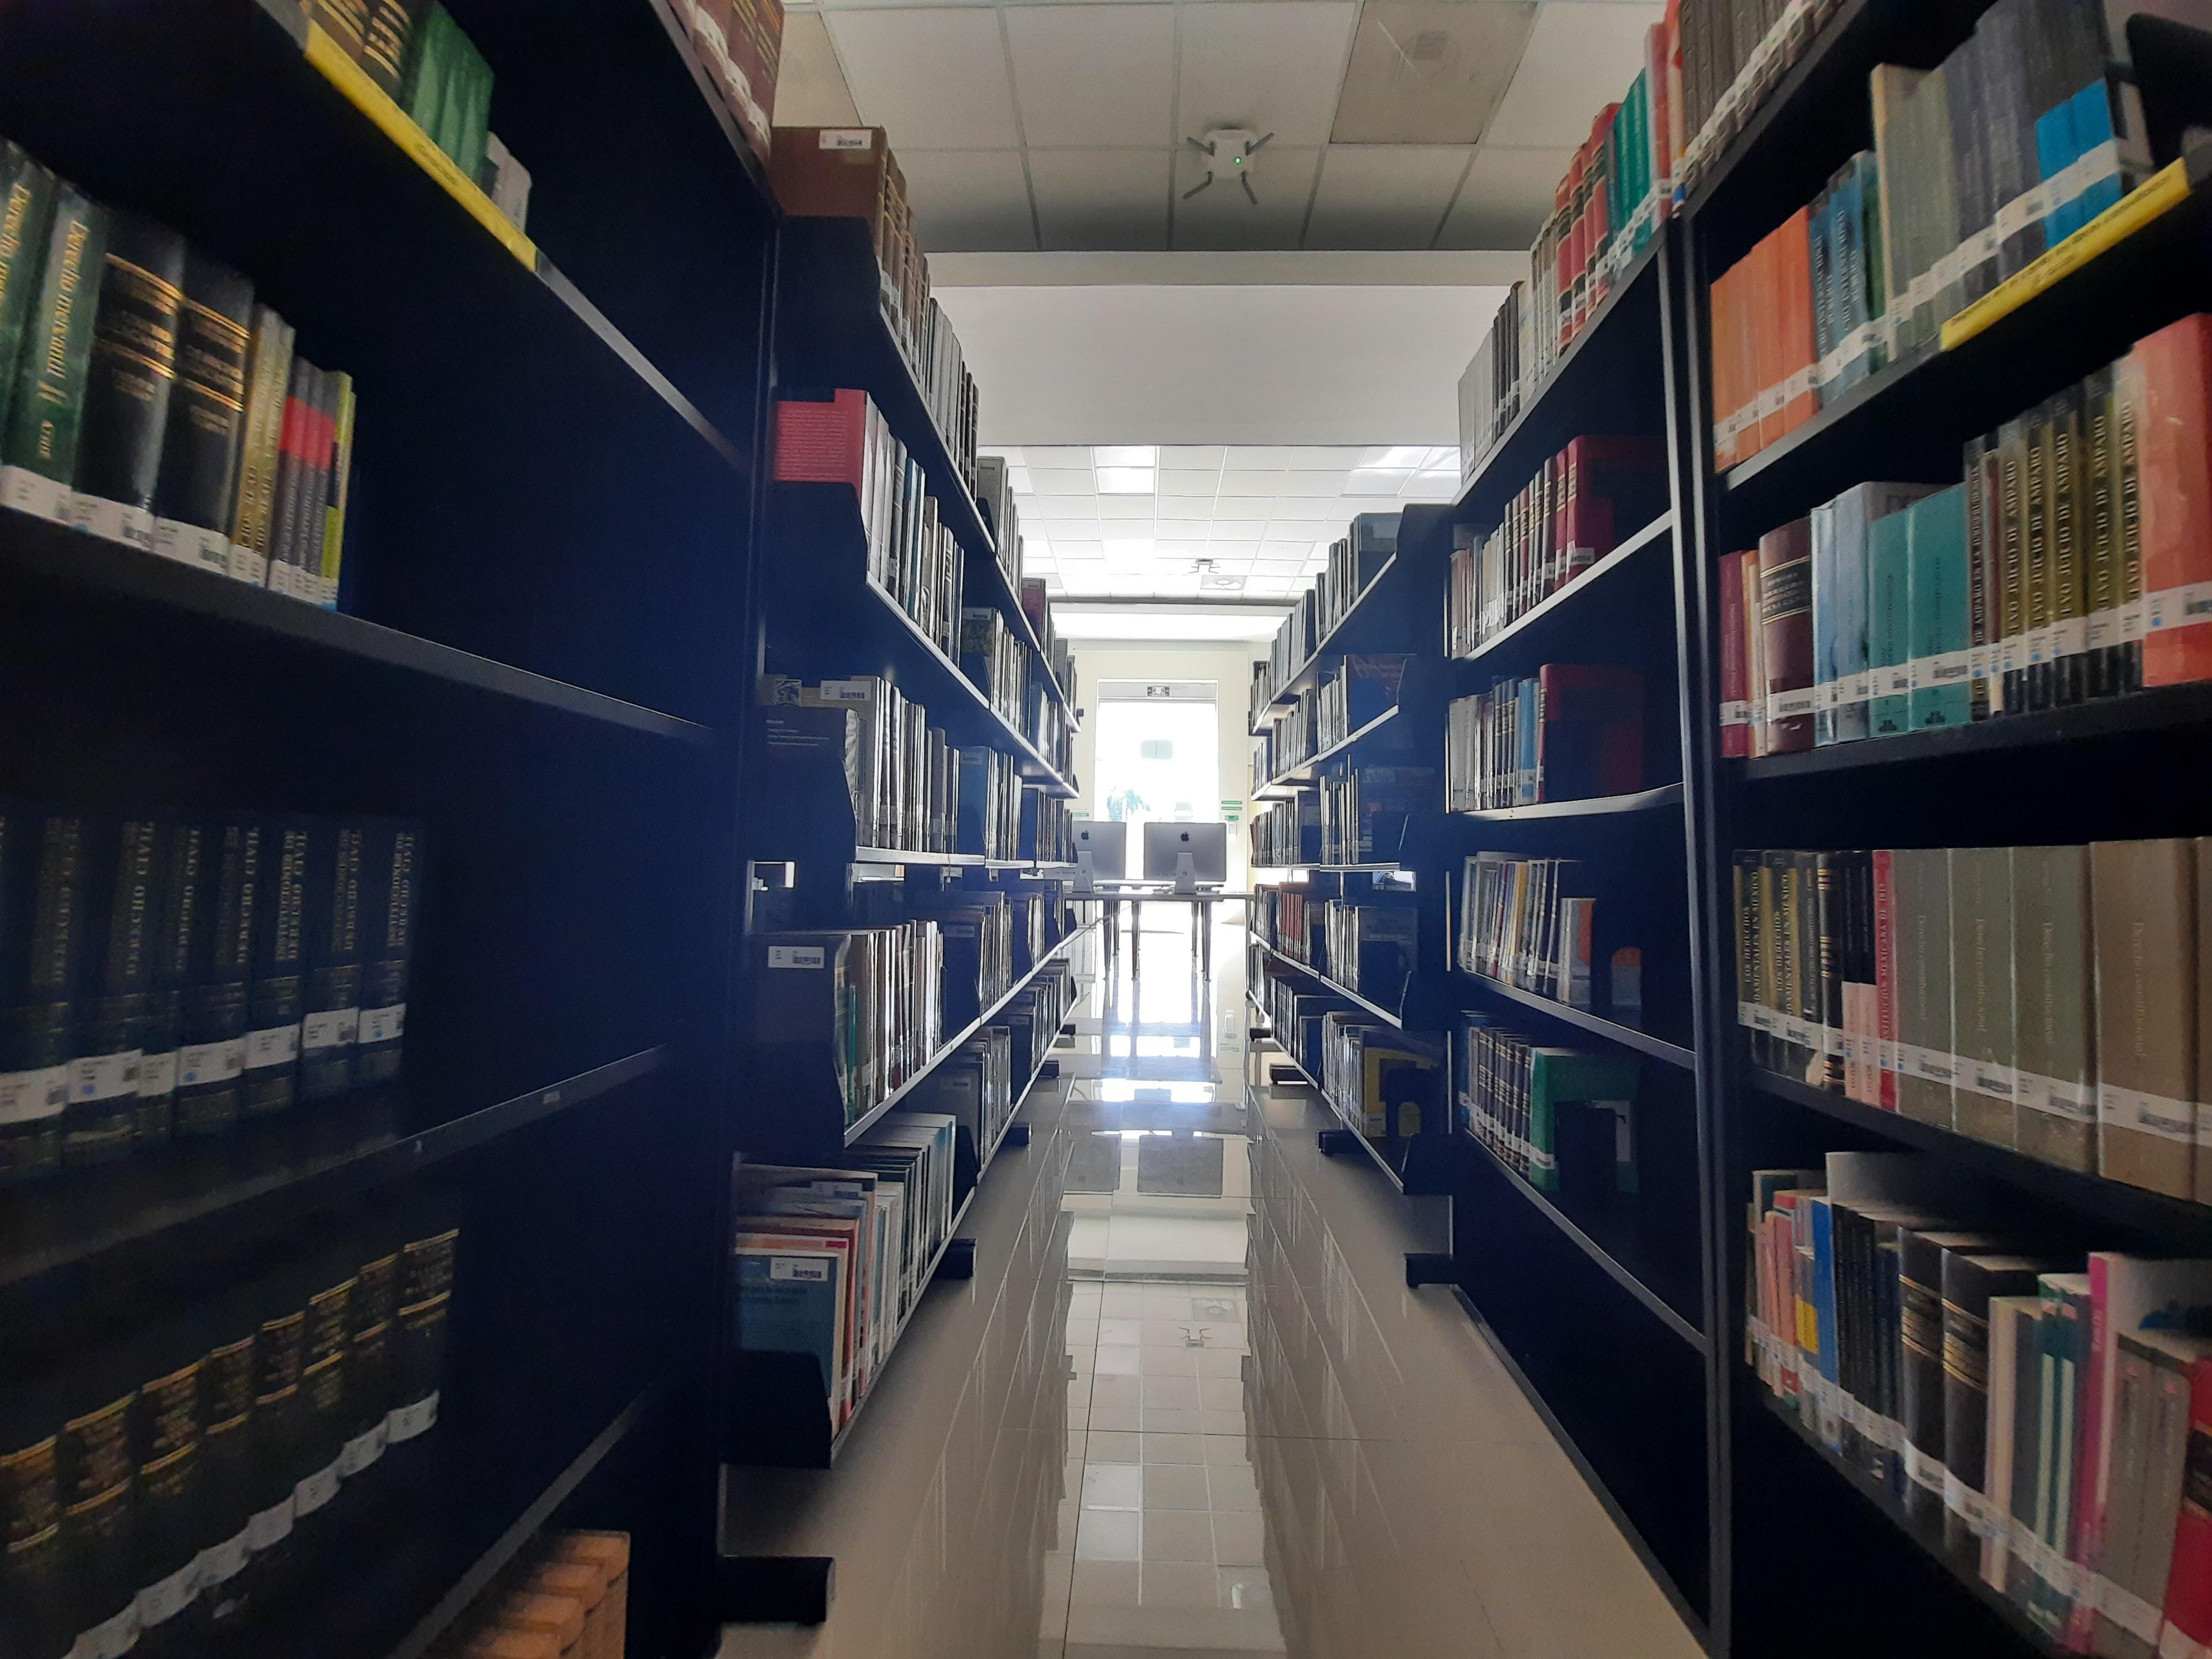 Biblioteca_01 (2)